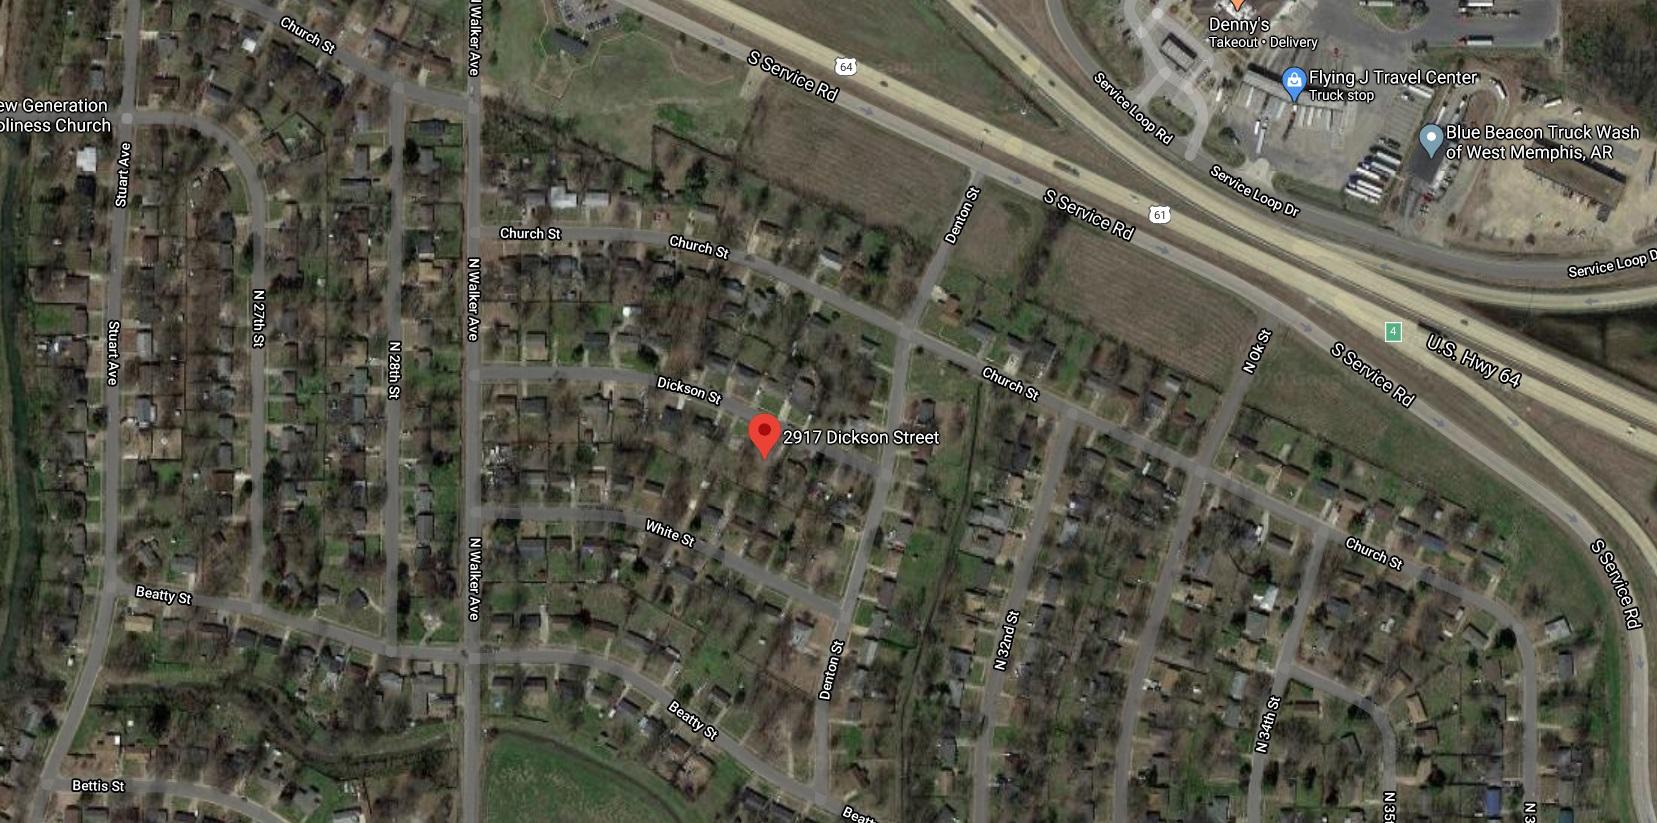 2917 Dickson St, West Memphis, AR 72301